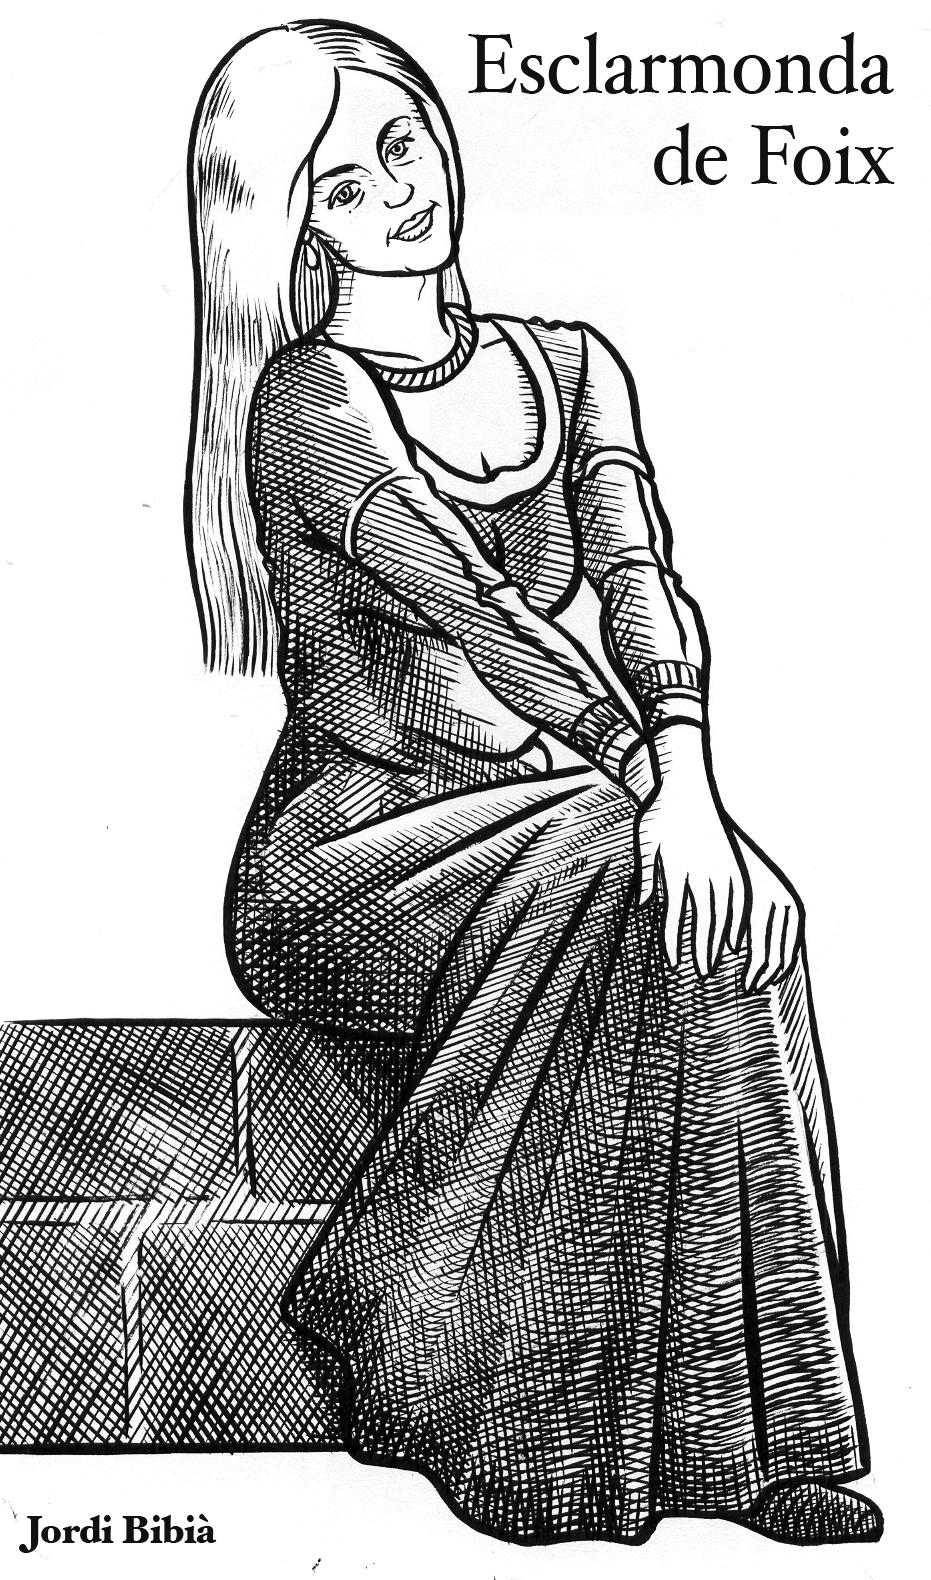 17.08.2010 Esclarmonda de Foix. Caracteritzada en la seva maduresa. Germana del litigiat comte de Foix, tingué al menys 6 fills, i fou arxidiaconesa càtara. També dirigí les famoses